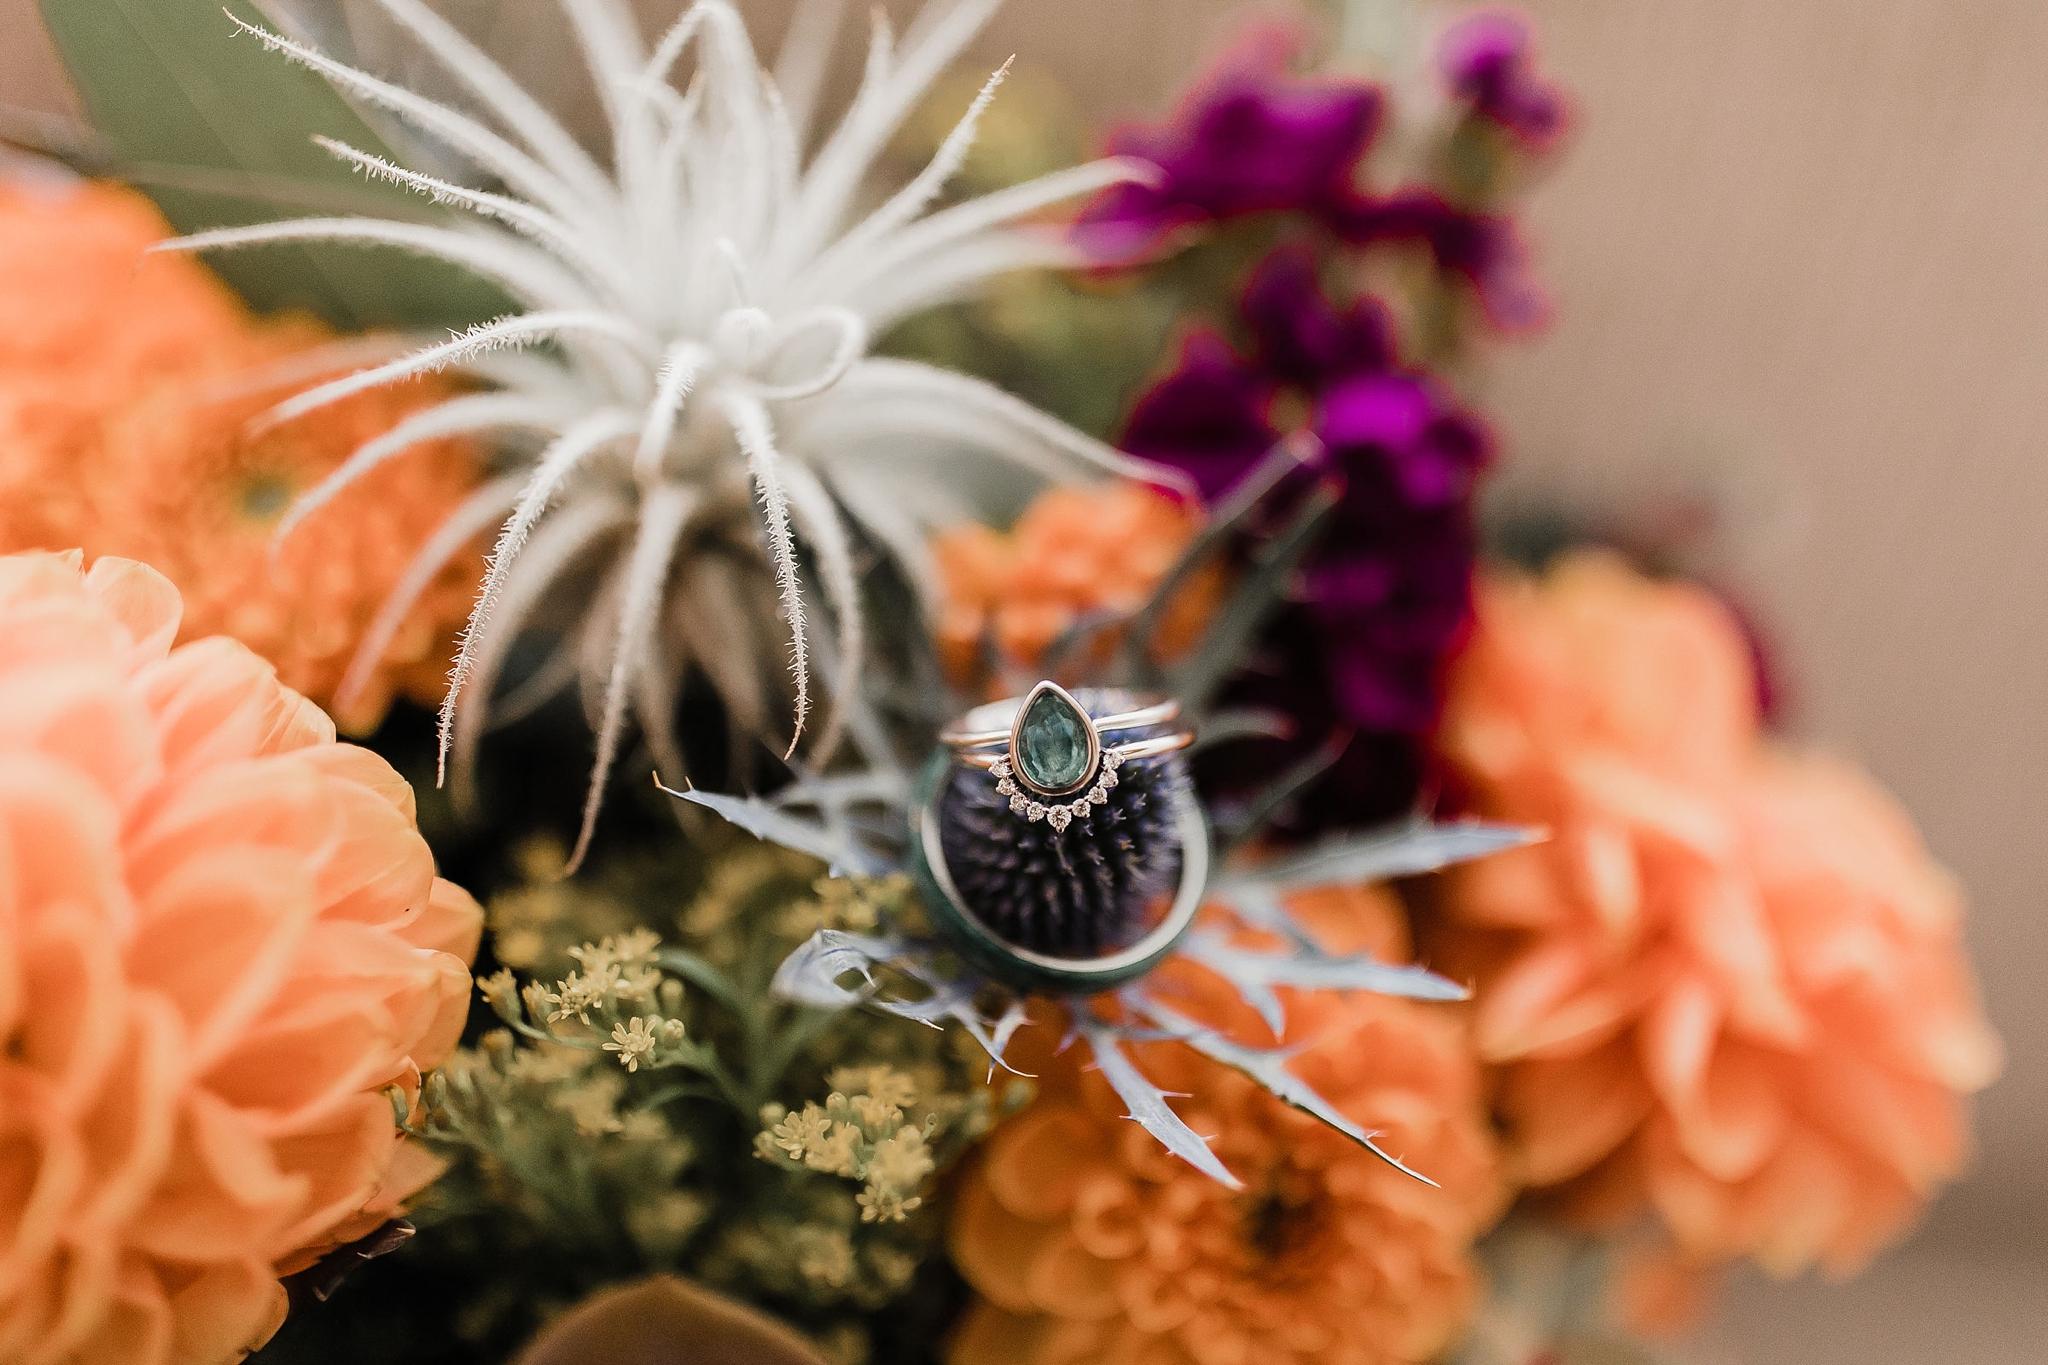 Alicia+lucia+photography+-+albuquerque+wedding+photographer+-+santa+fe+wedding+photography+-+new+mexico+wedding+photographer+-+new+mexico+wedding+-+santa+fe+wedding+-+albuquerque+wedding+-+wedding+rings+-+engagement+rings_0028.jpg